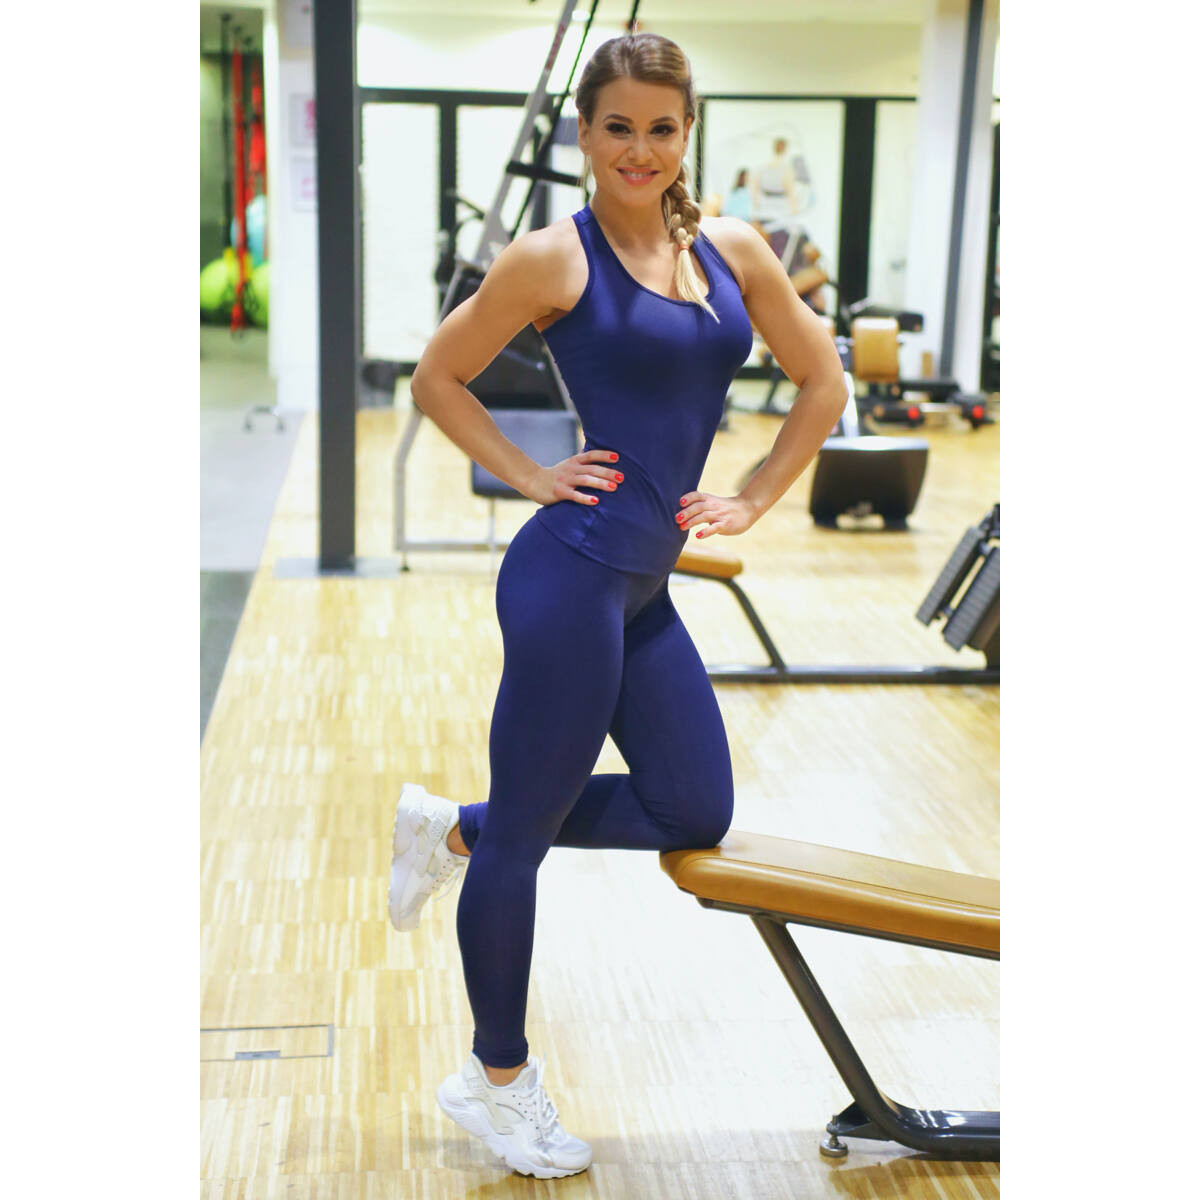 Sötétkék basic női fitness sport leggings + atléta szett